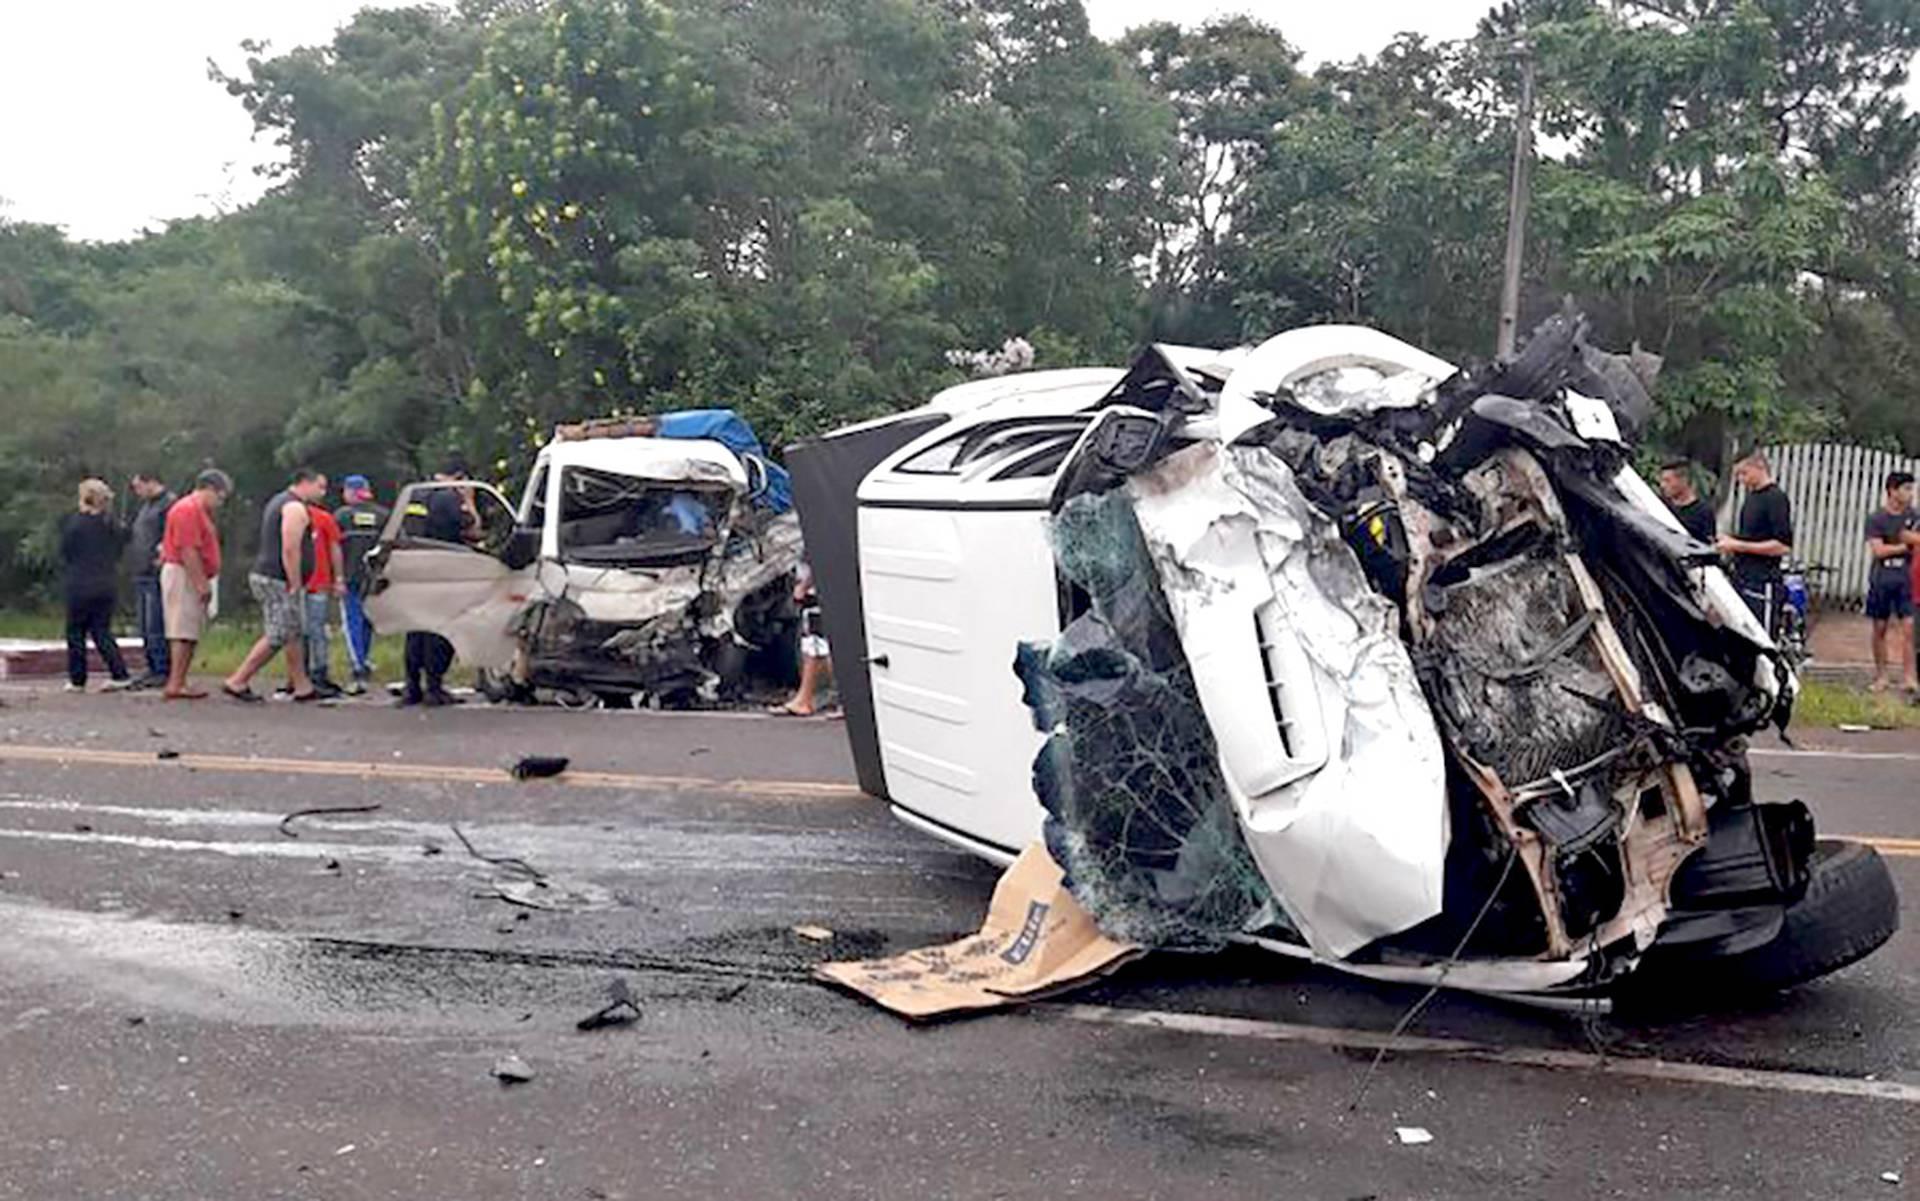 Accidentes en Paraguay, otro caos que merece atención y reparo